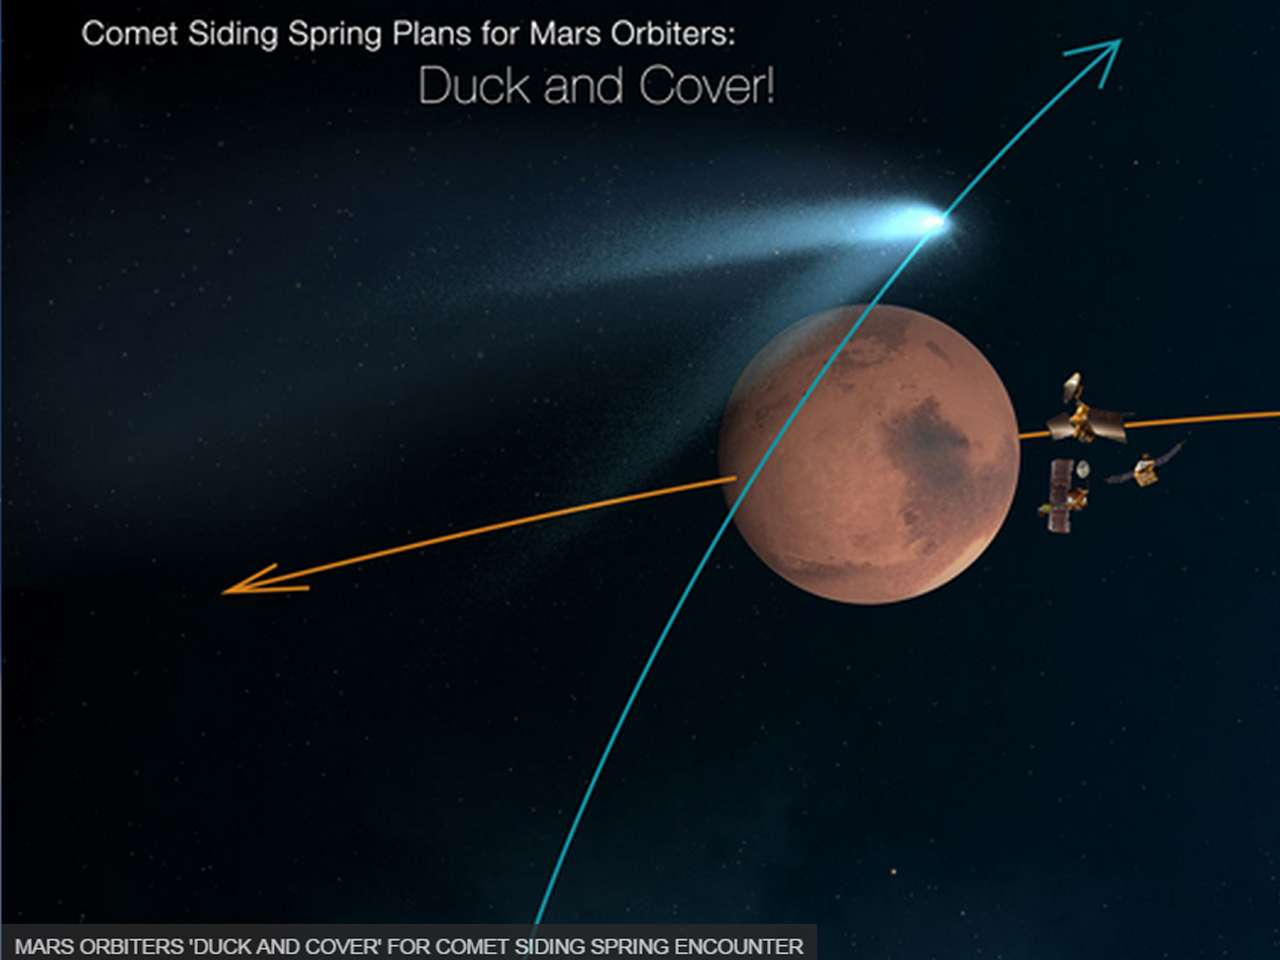 Los 'ojos electrónicos' de los robots en Marte están sobre el cometa Siding Spring, que rozará al planeta rojo hacia las 18H27 GMT este domingo, un evento que se produce una vez en un millón de años. Foto: NASA